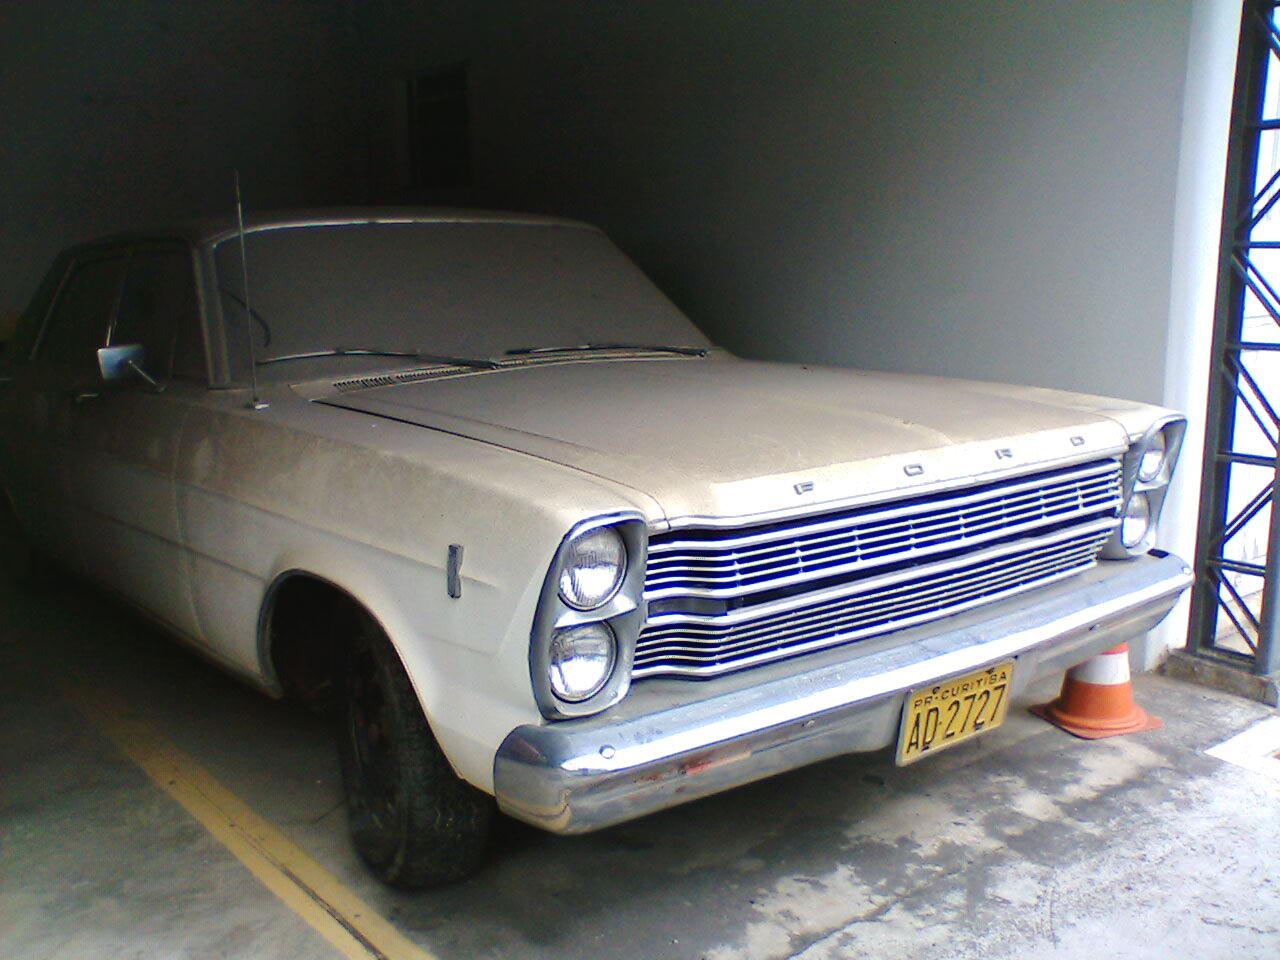 galaxie500-671 Ford Galaxie 500